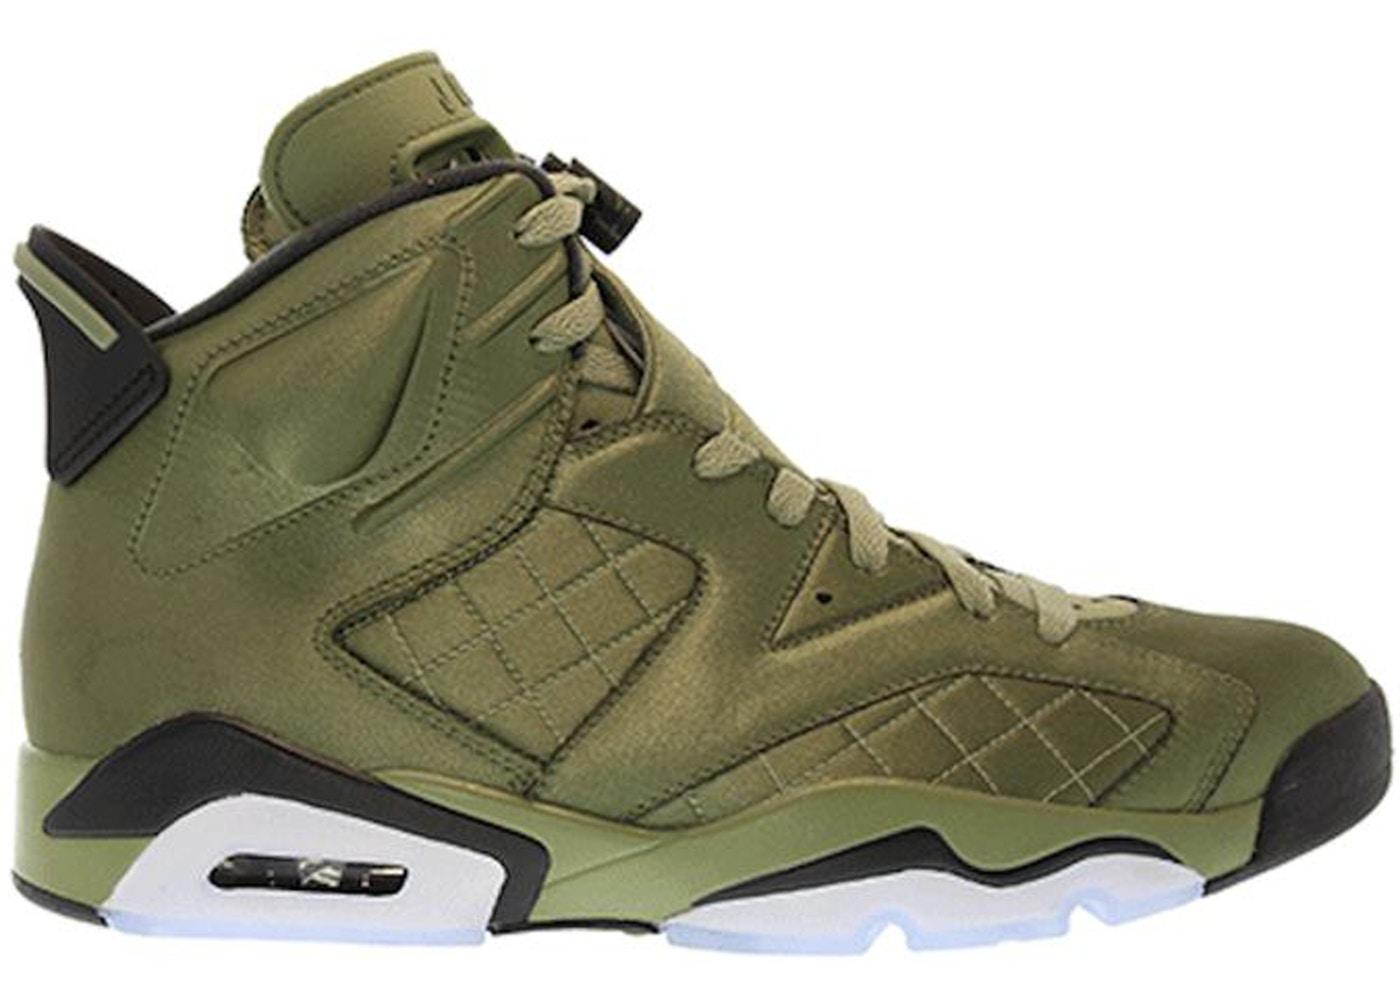 5e00565fdd8 Buy Air Jordan 6 Size 16 Shoes & Deadstock Sneakers